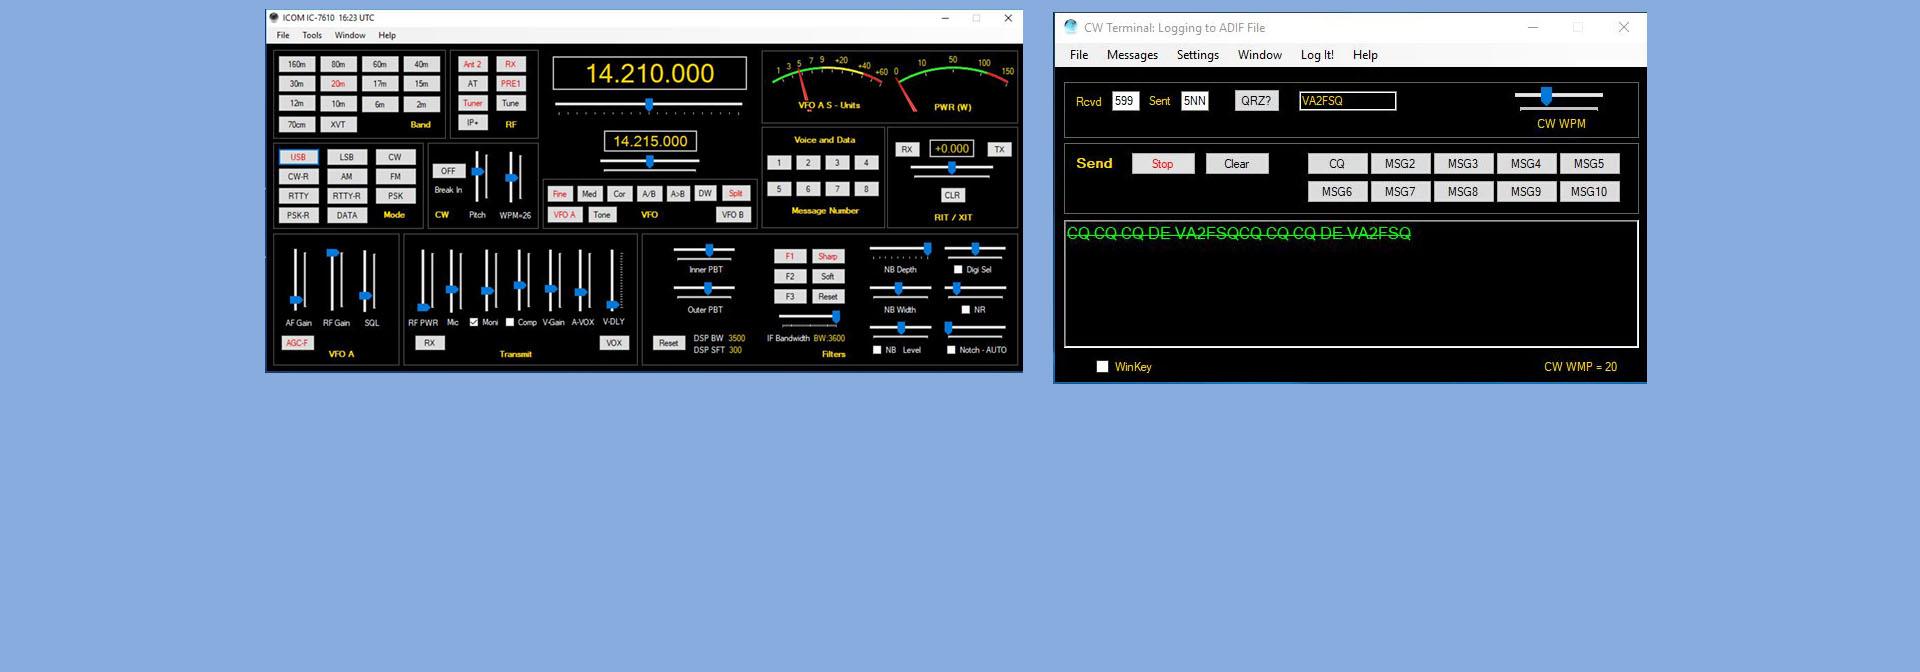 CW Terminal - Win4IcomSuite for Icom Radios